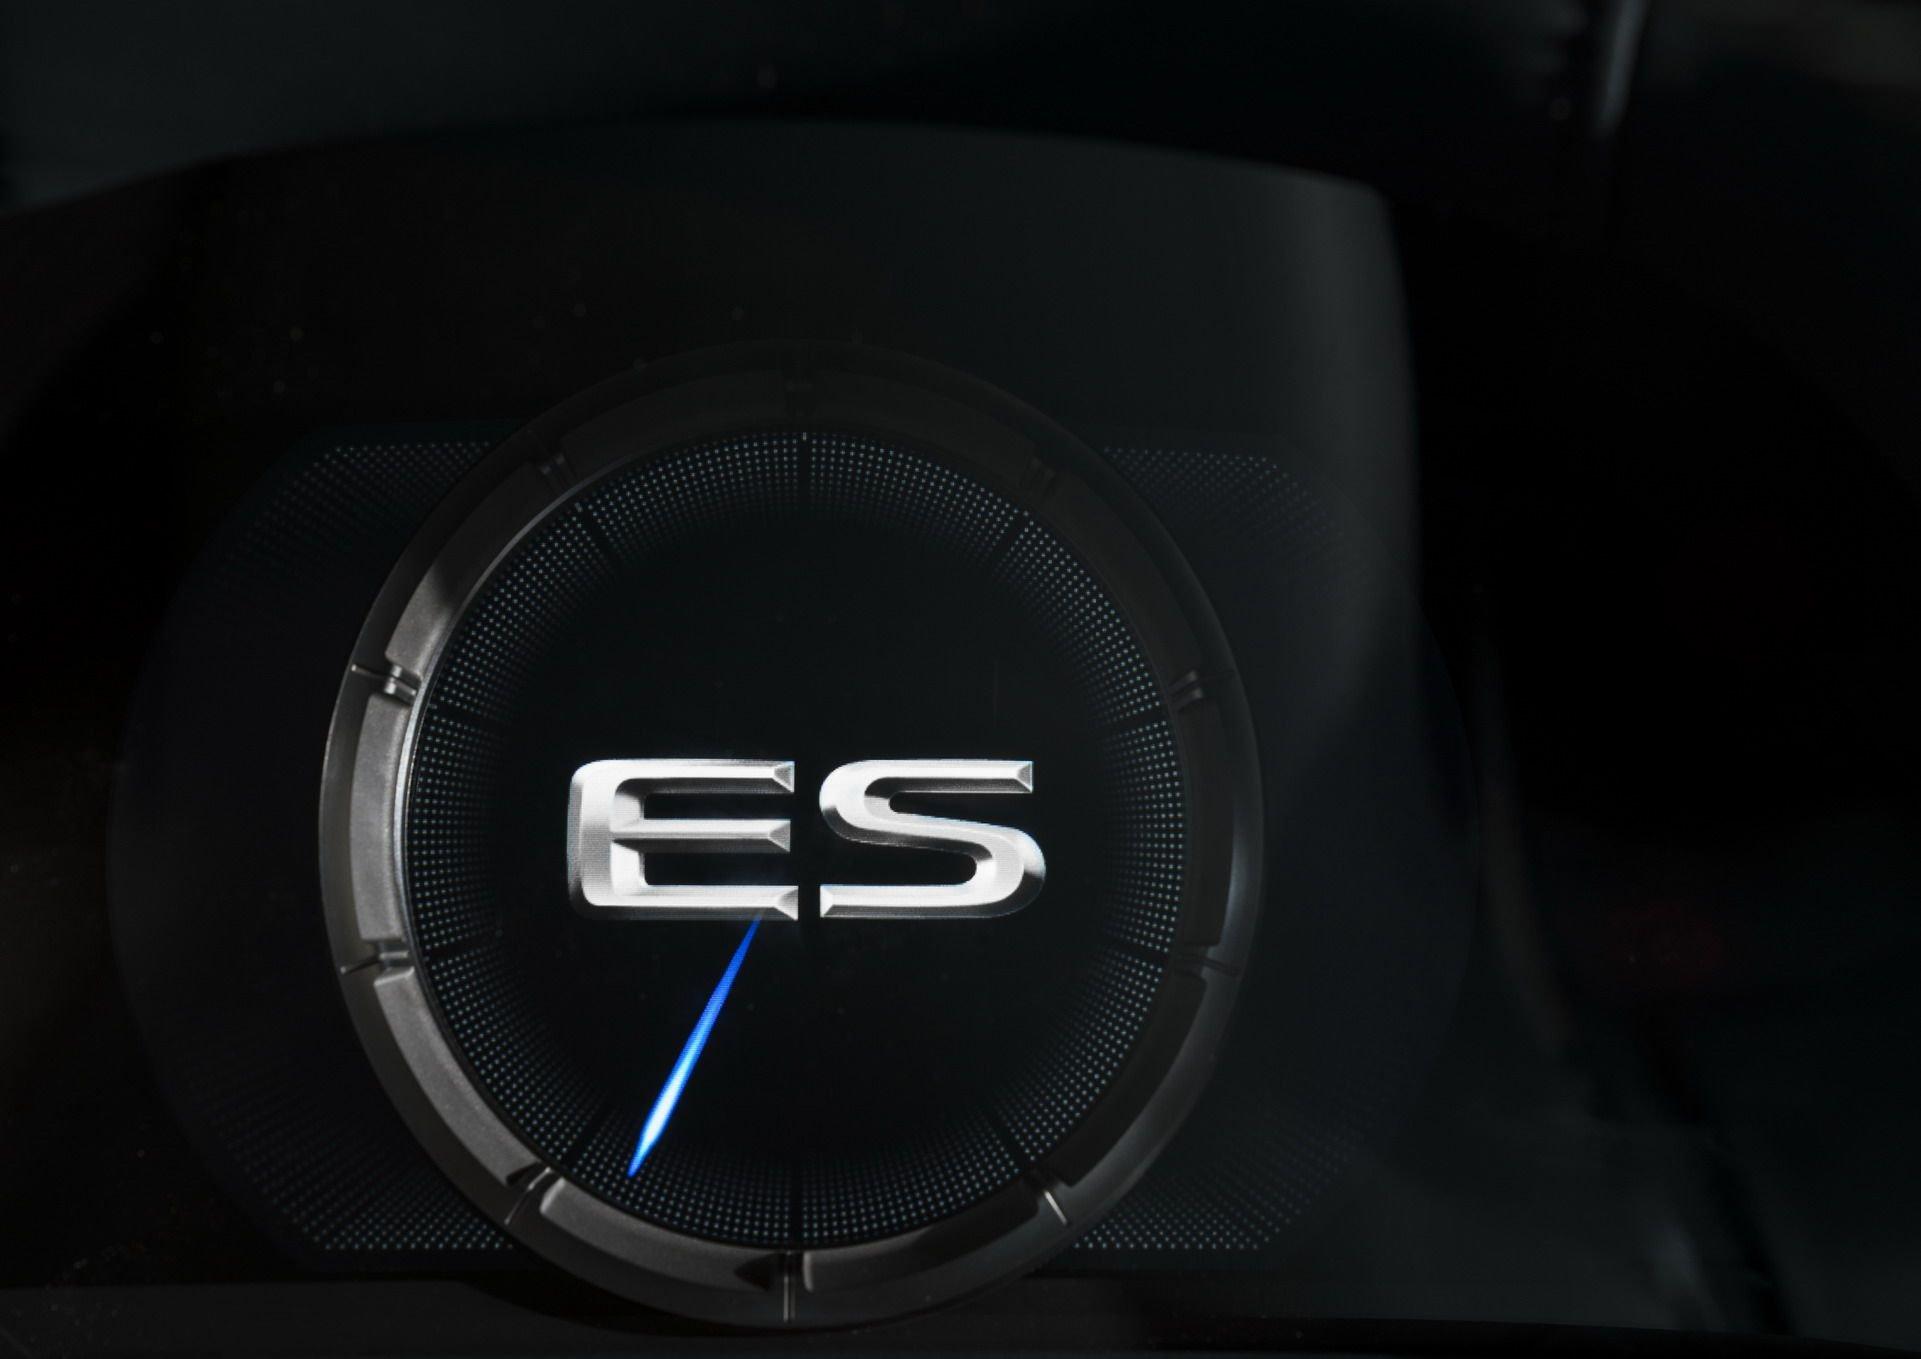 2019-Lexus-ES-21